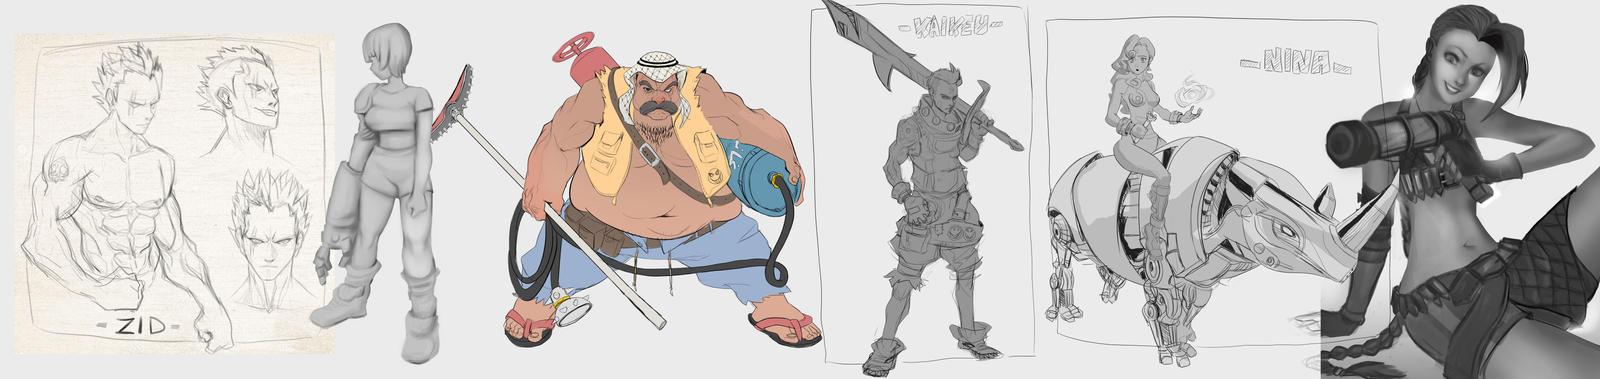 Random sketches by NOOR-SALEH